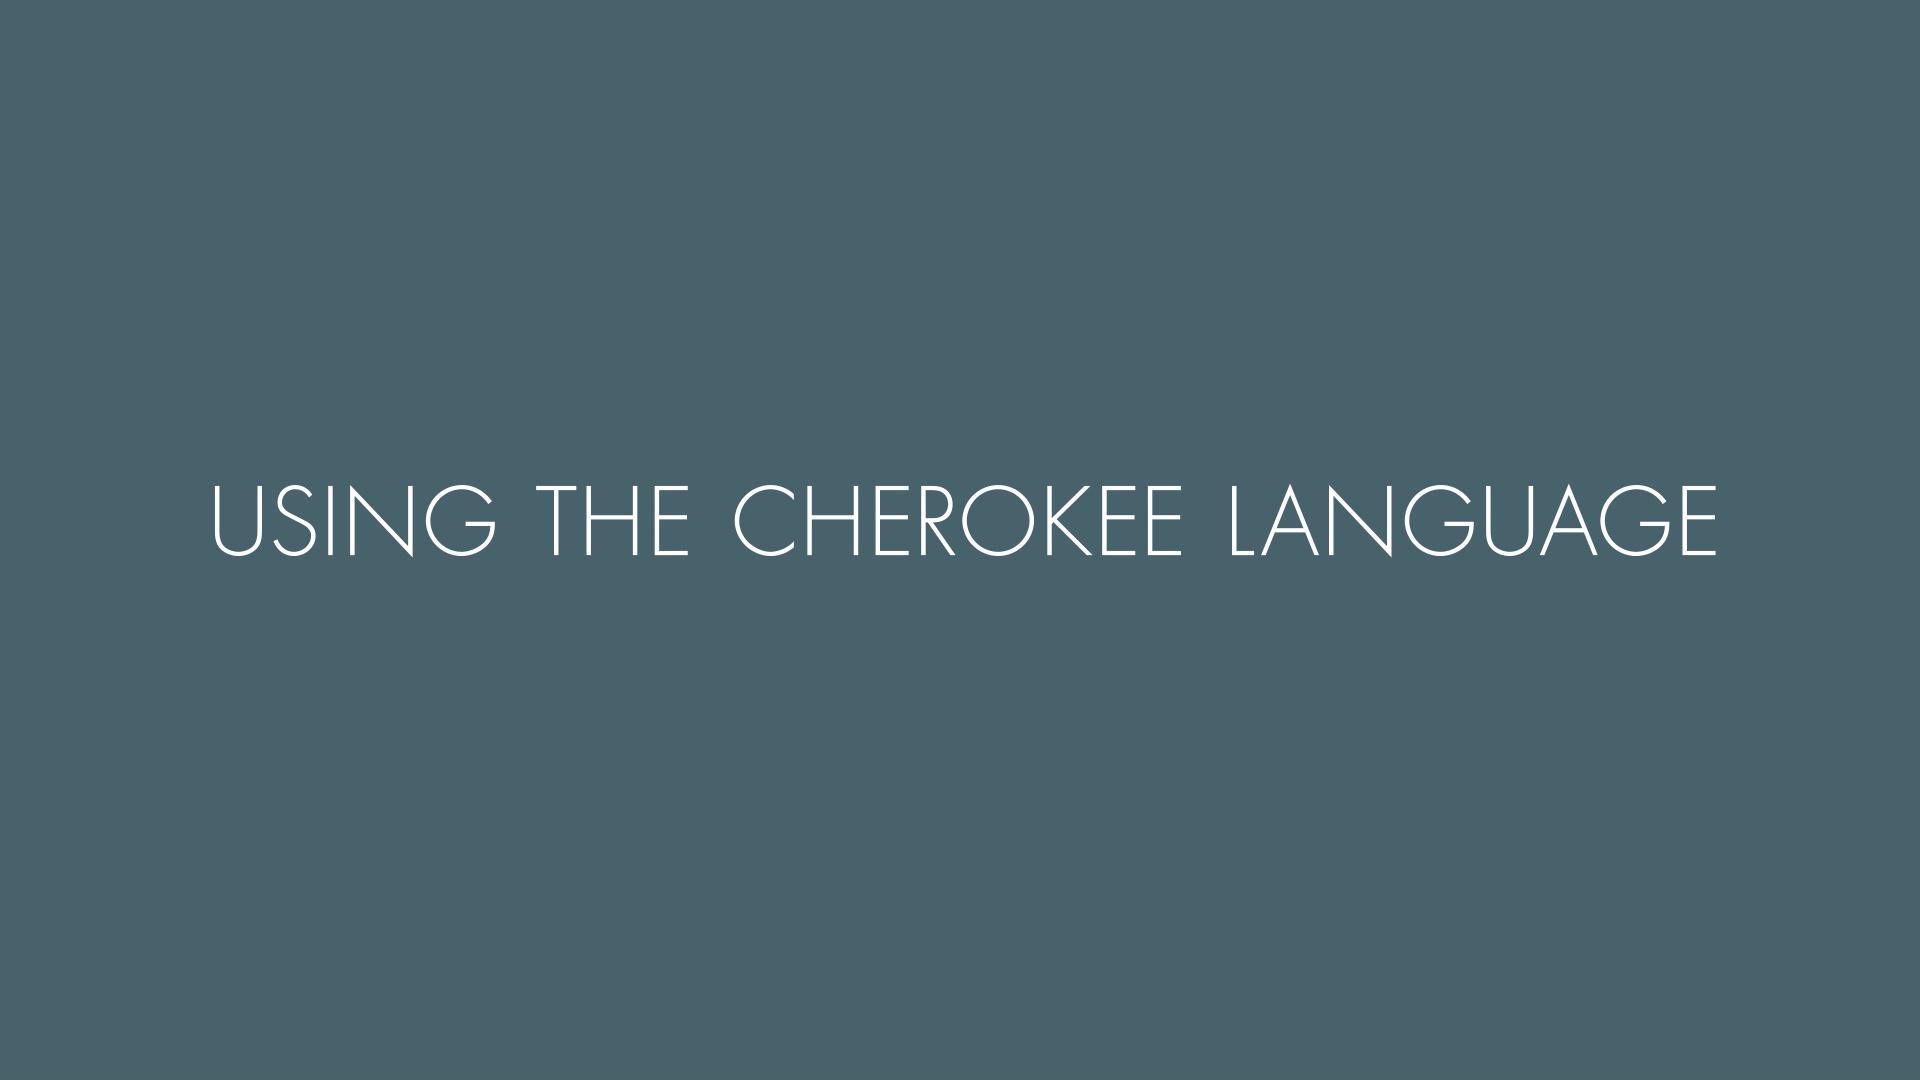 Uso de la lengua cheroqui